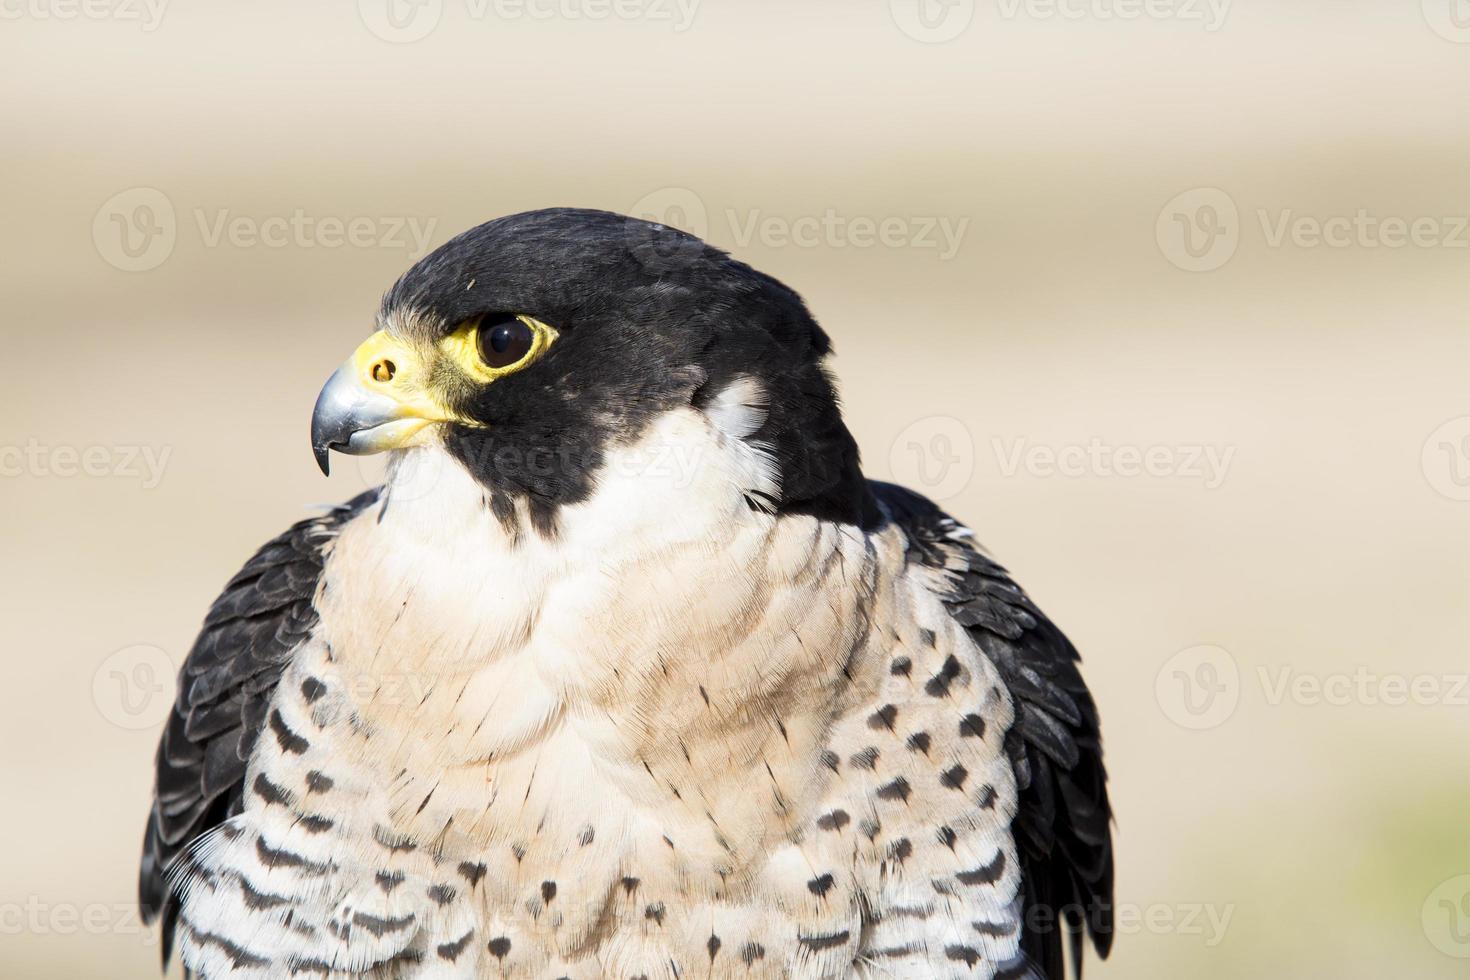 falco peregrinus ave de rapiña, cetrería. foto